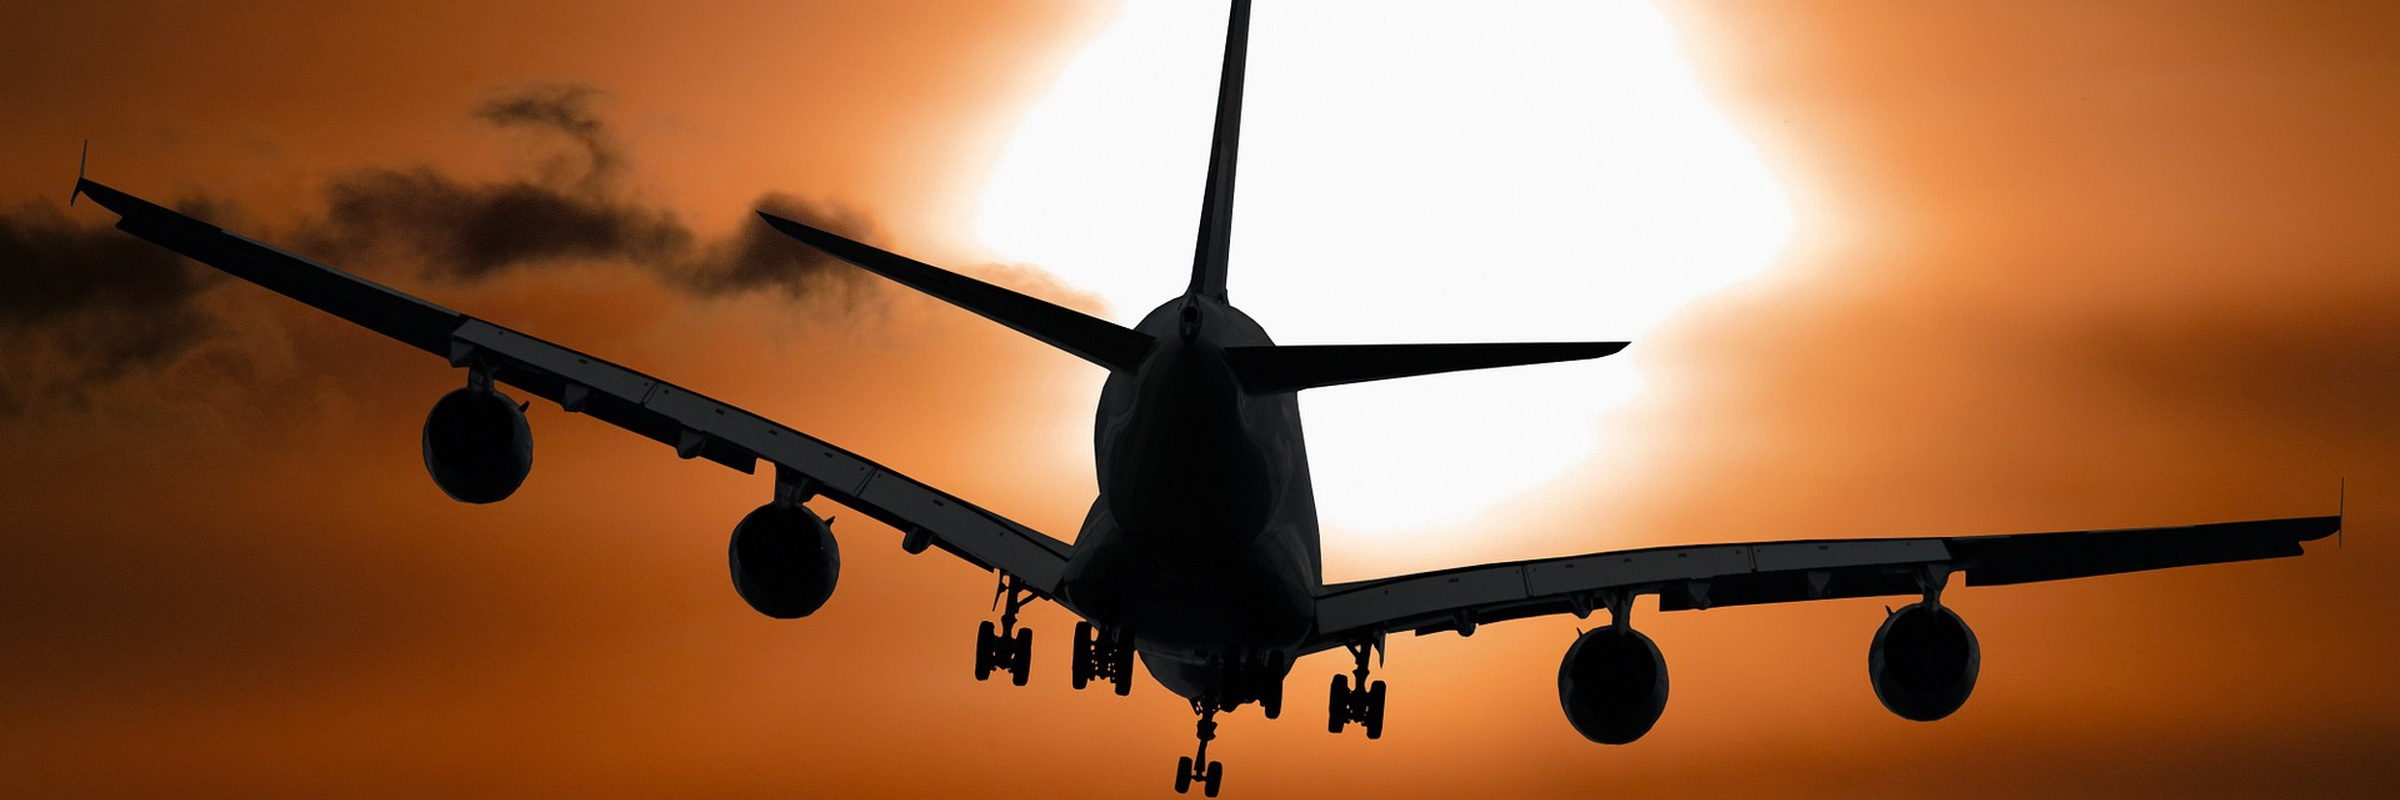 Ausgleich der CO2 Emissionen auf Langstreckenflüge